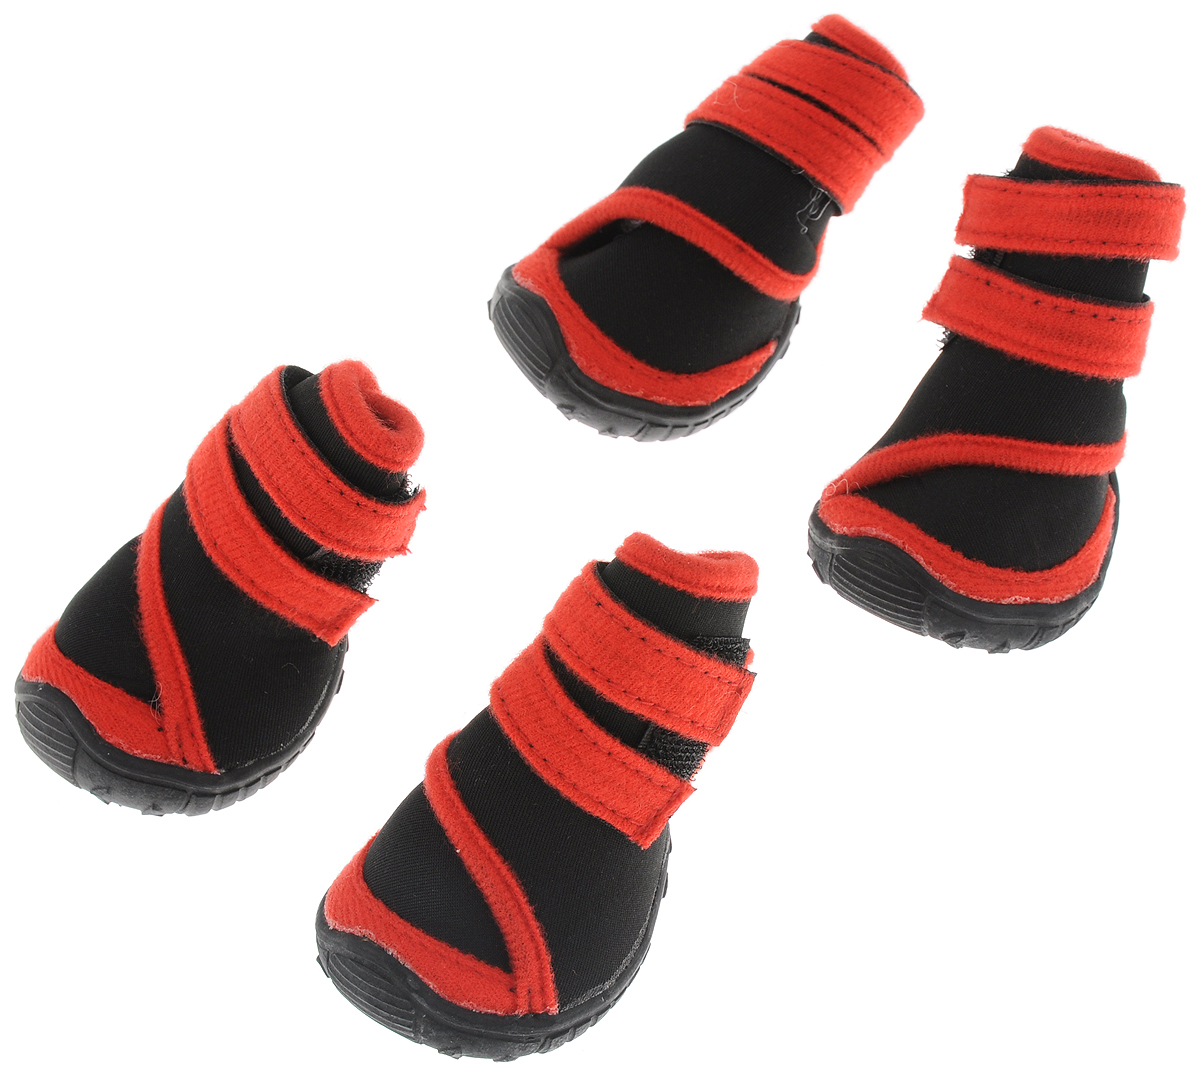 Сапоги для собак  Triol , унисекс, цвет: черный, красный. Размер M - Одежда, обувь, украшения